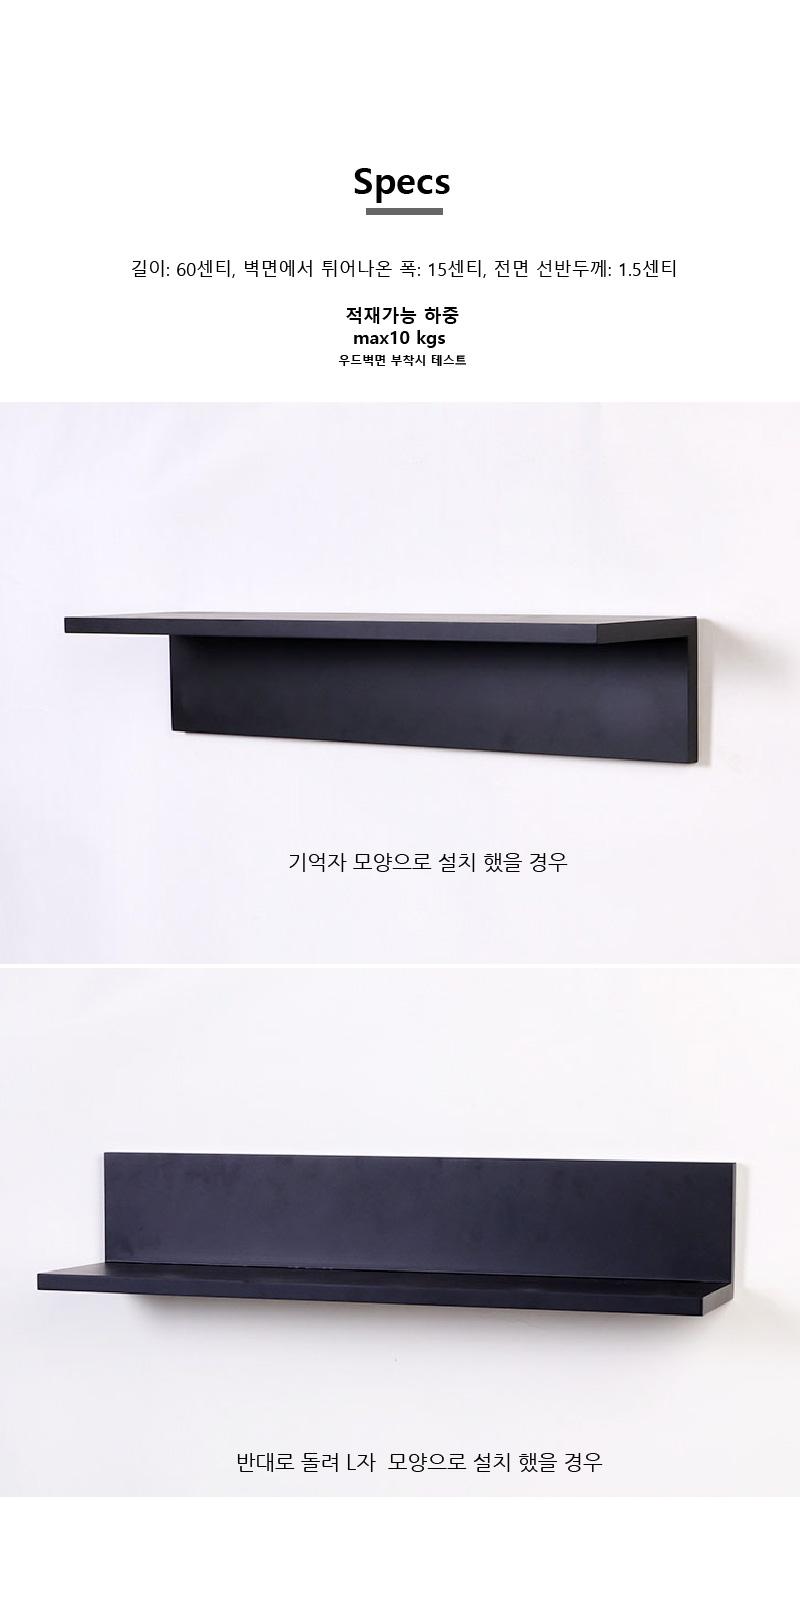 새먼-우드 모던 양방향 기억자  선반 600-블랙 - 크레디스, 28,000원, 수납/선반장, 벽선반